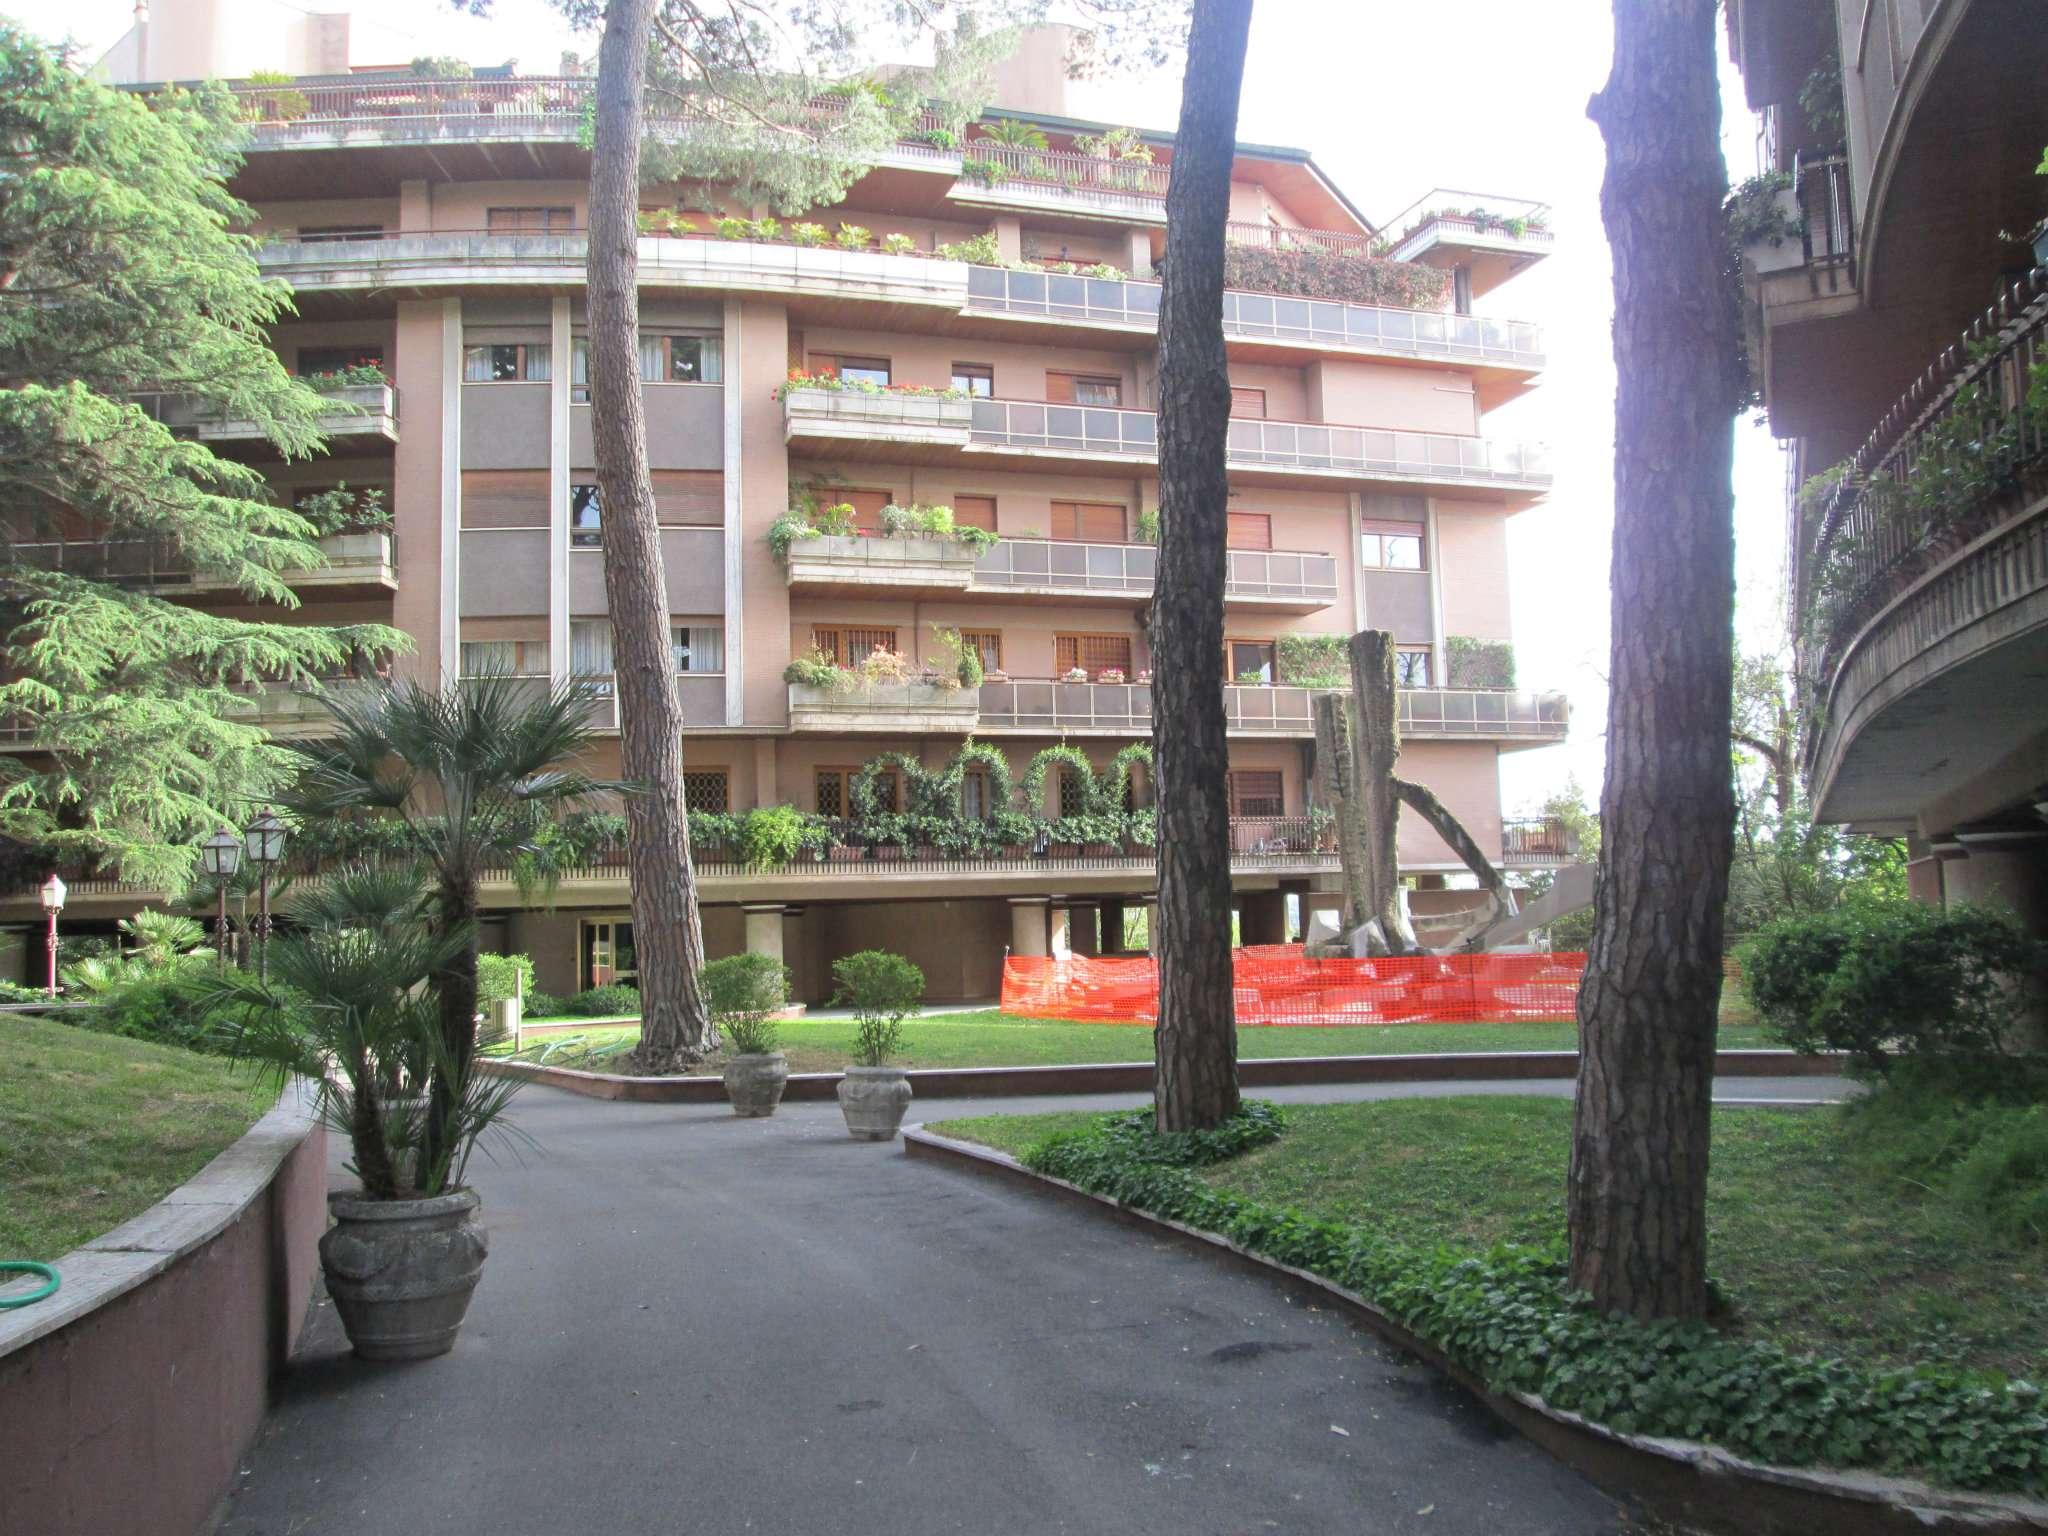 Appartamento in vendita a Roma, 9999 locali, zona Zona: 31 . Giustiniana, Tomba di Nerone, Cassia, prezzo € 760.000 | CambioCasa.it